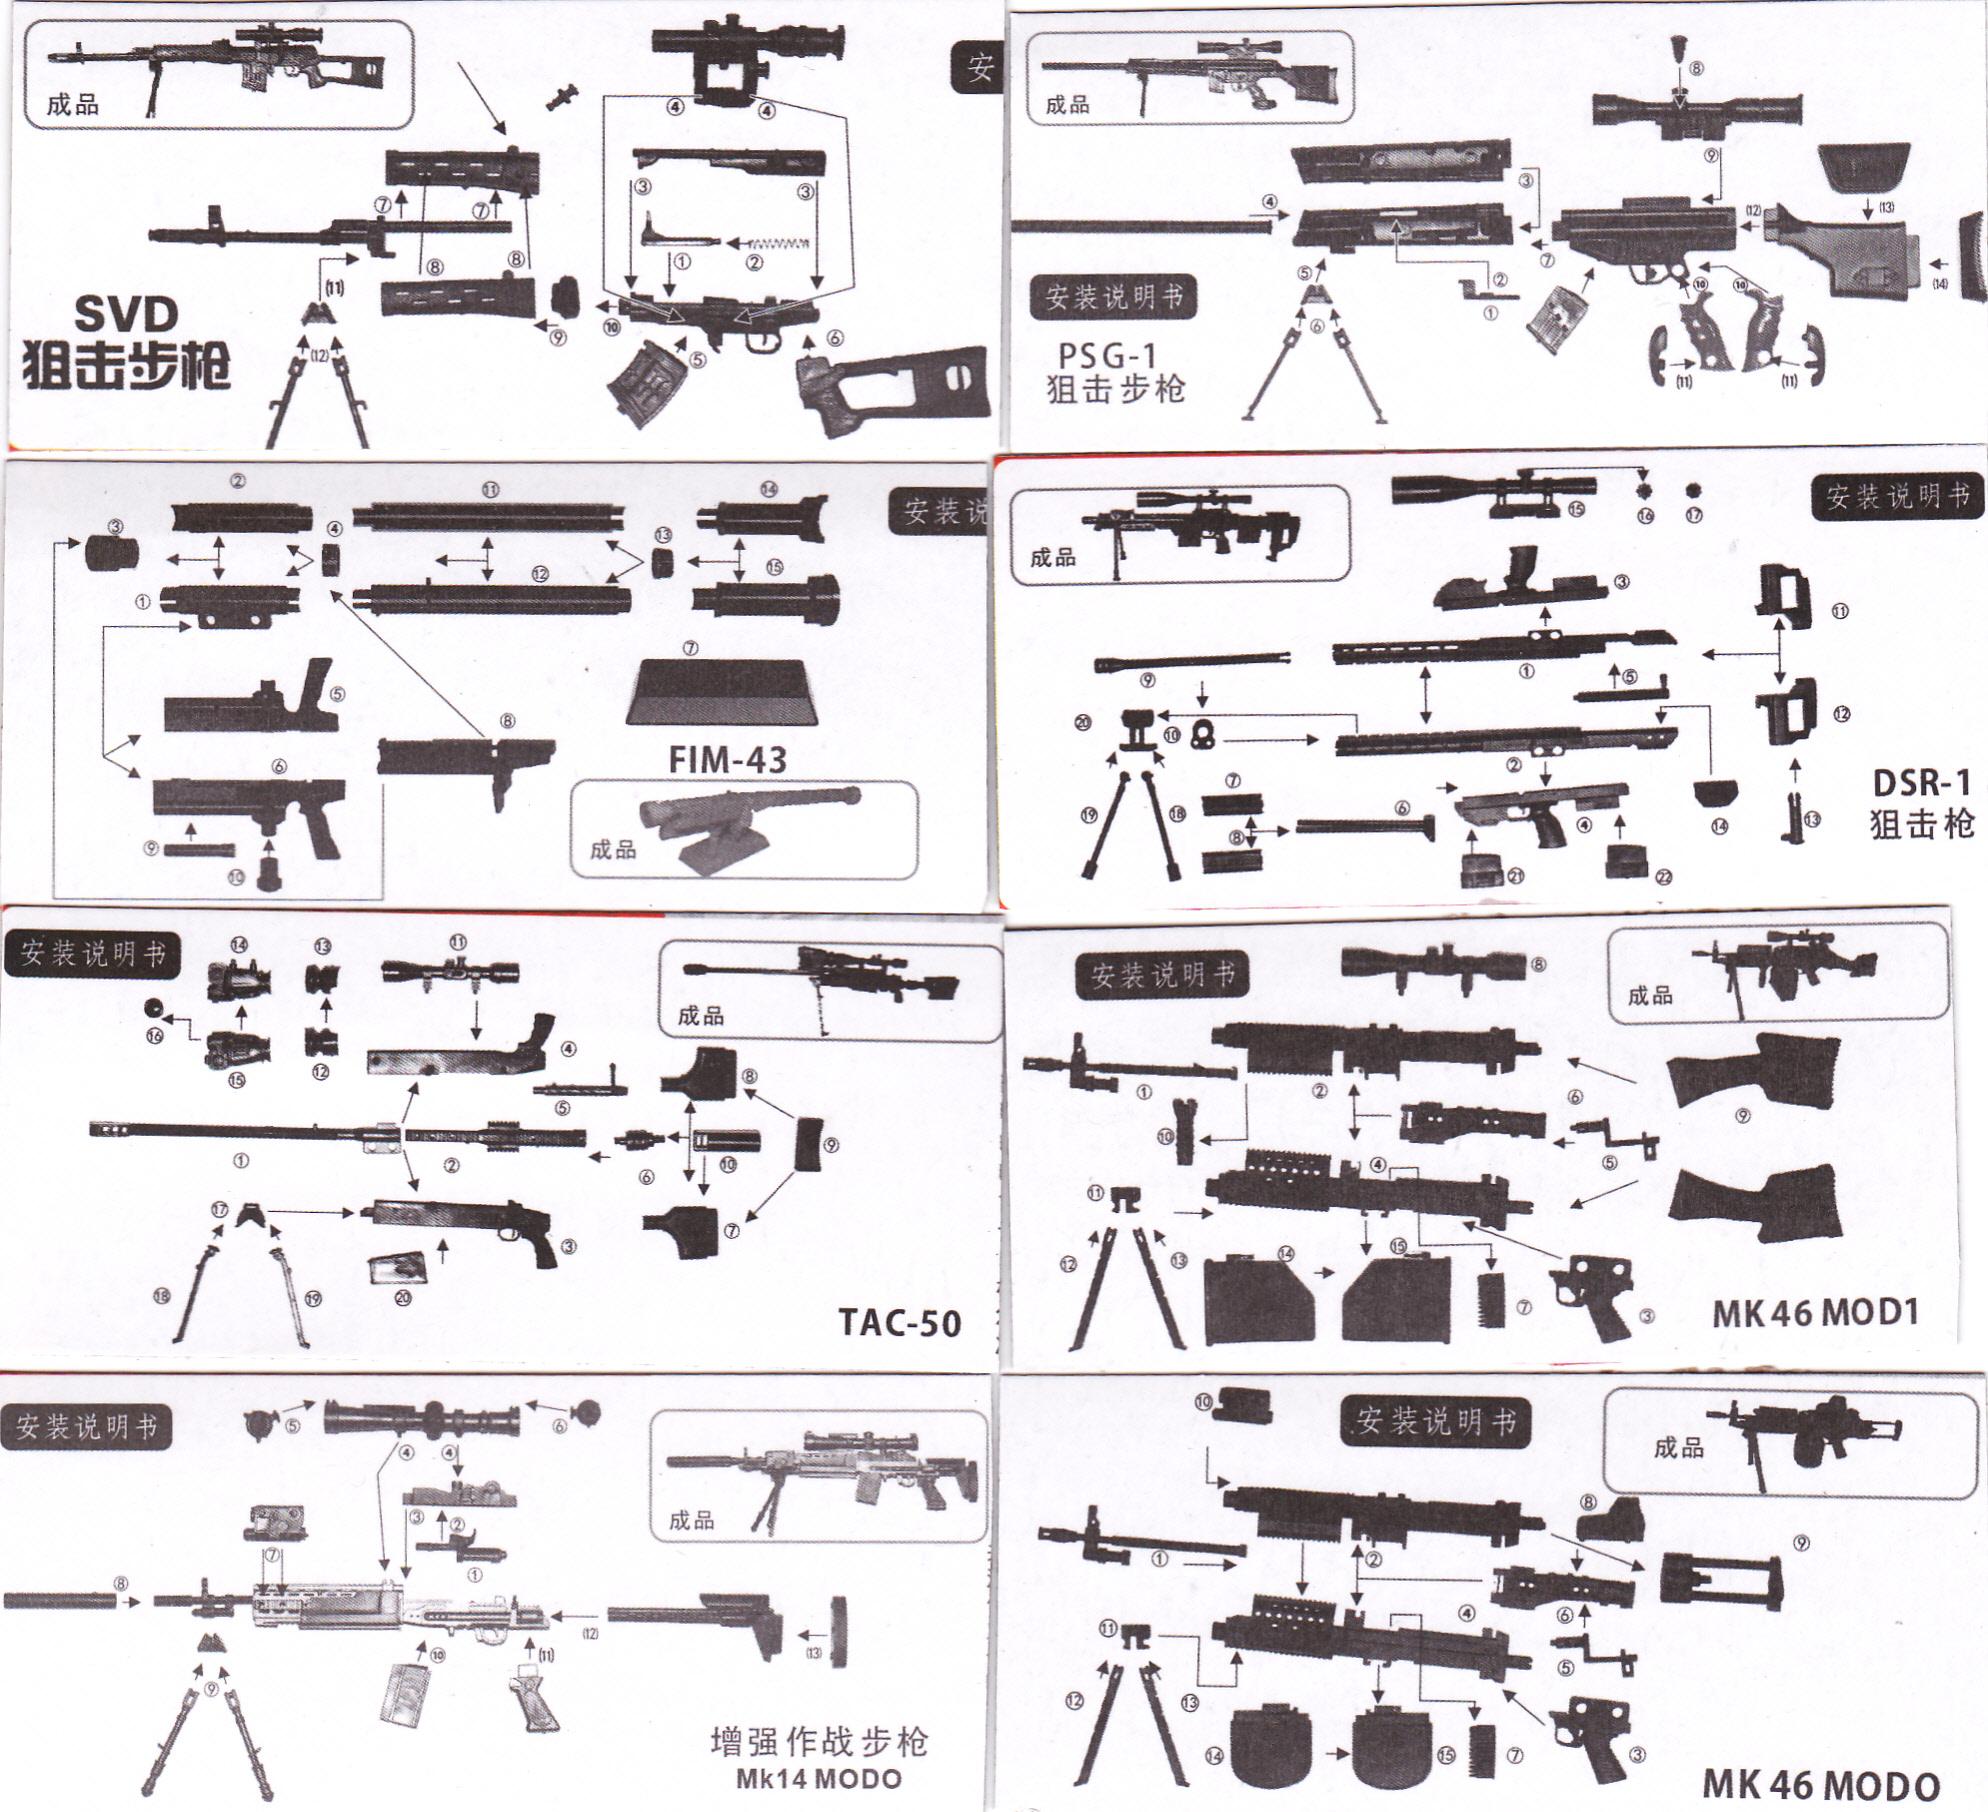 8 pcs/set 1/6 Soldier Weapons Rocket Launcher Air Defense